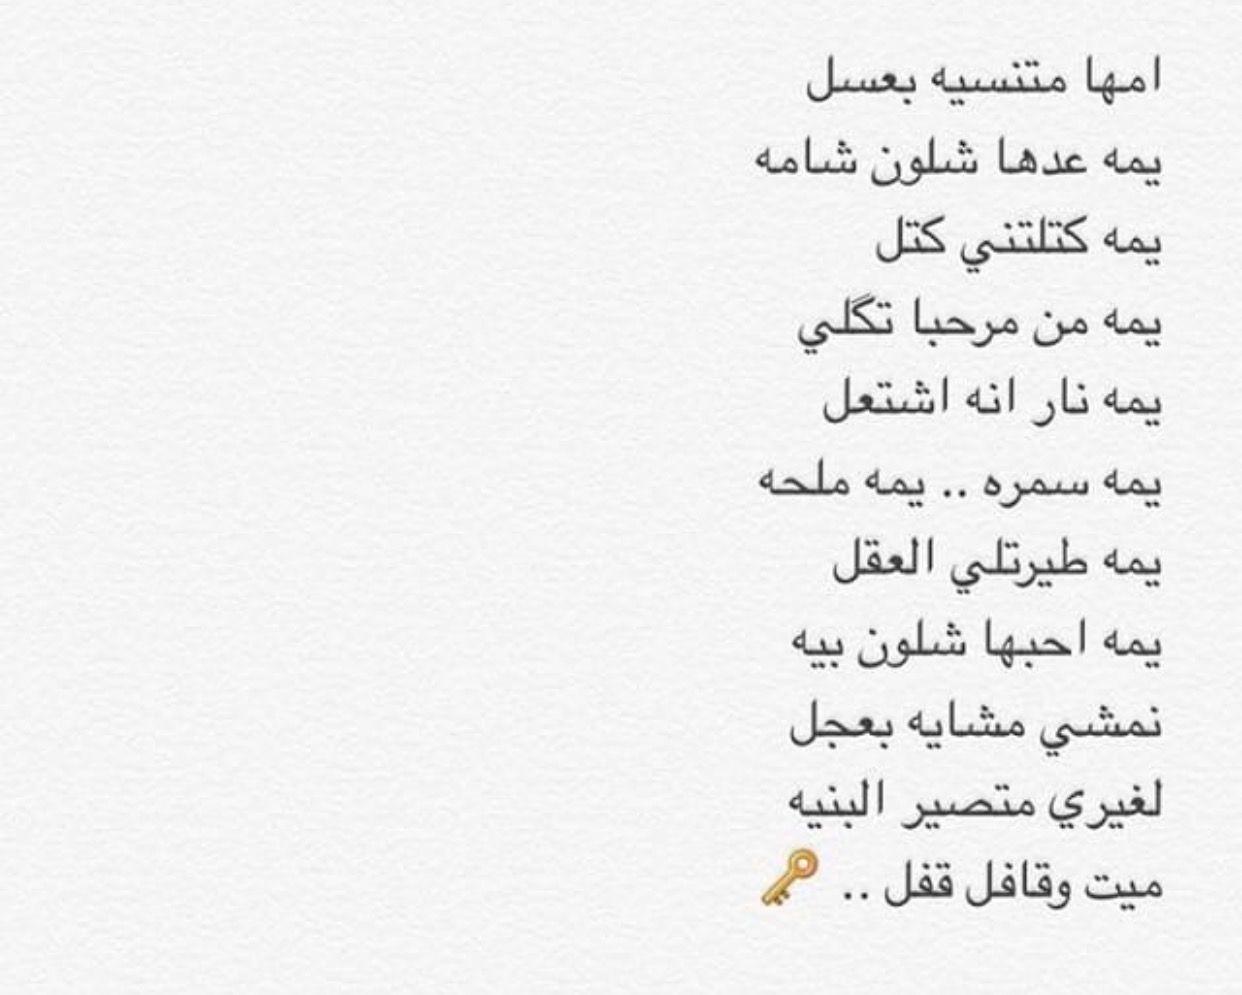 صورة كلمات عراقيه حب , ما اجمل المشاعر الرقيقة 3711 2